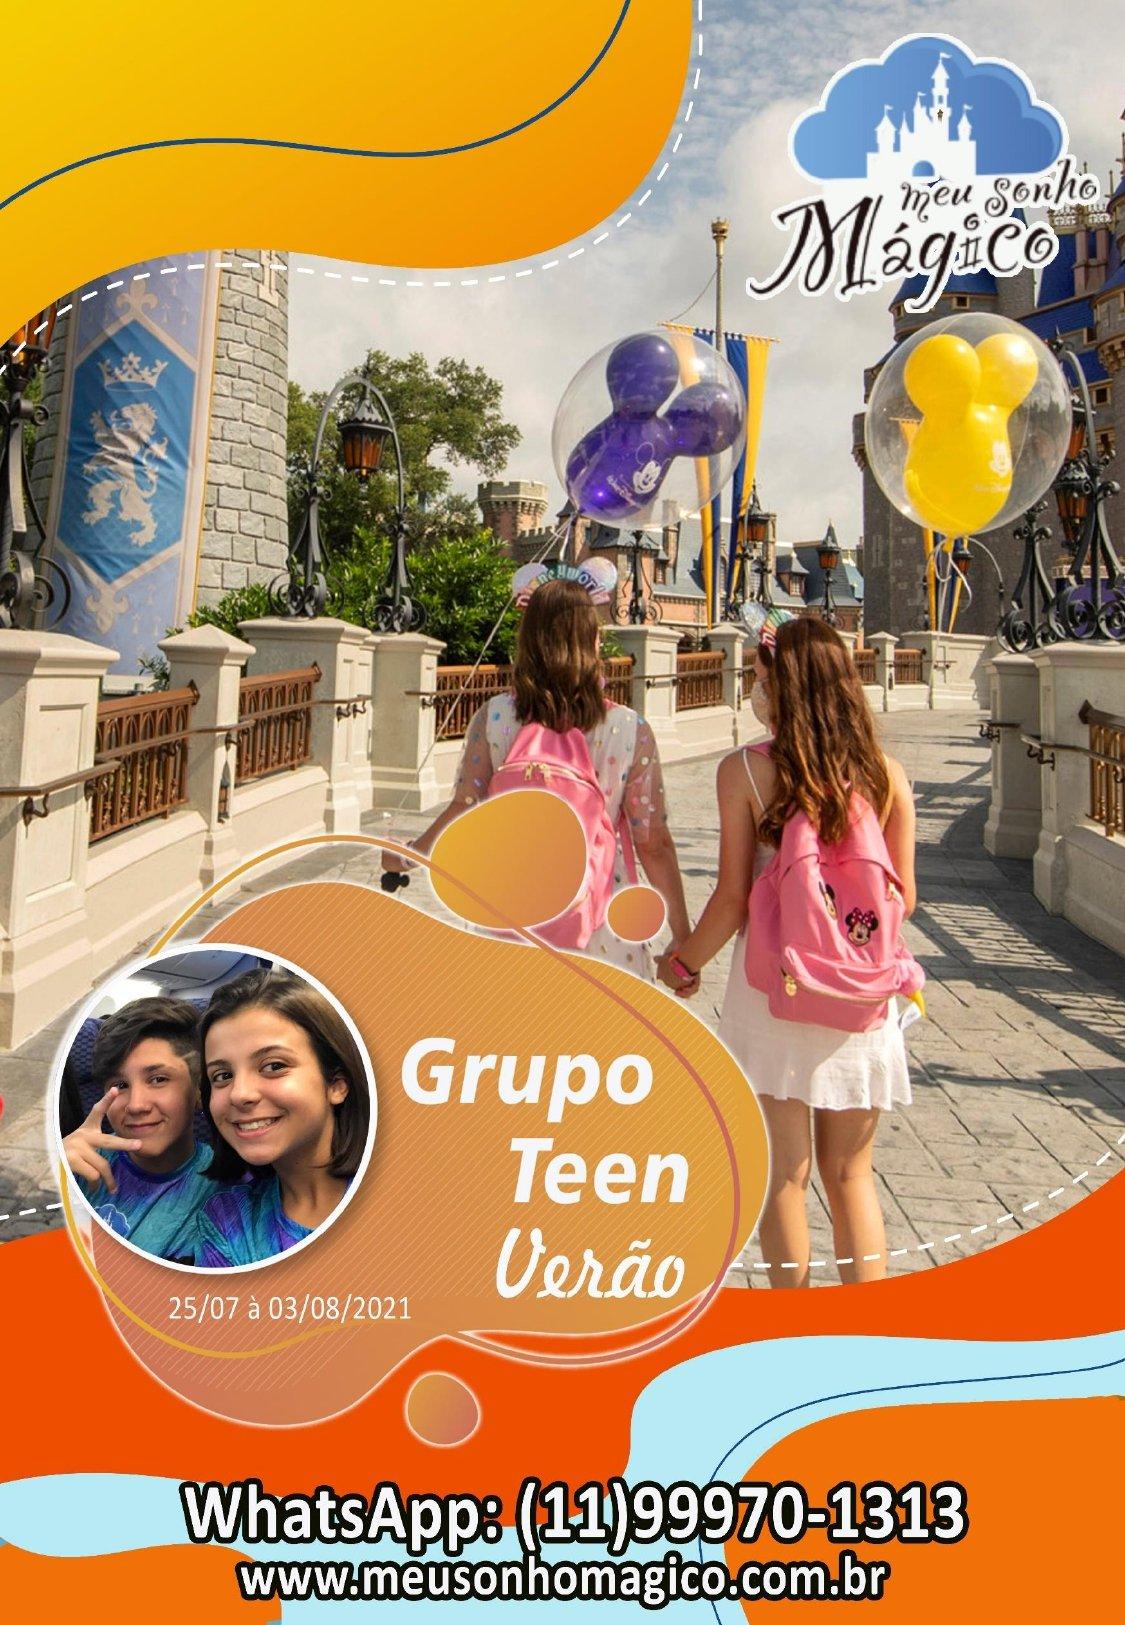 Grupo Teen Verão - Disney Julho 2021 1